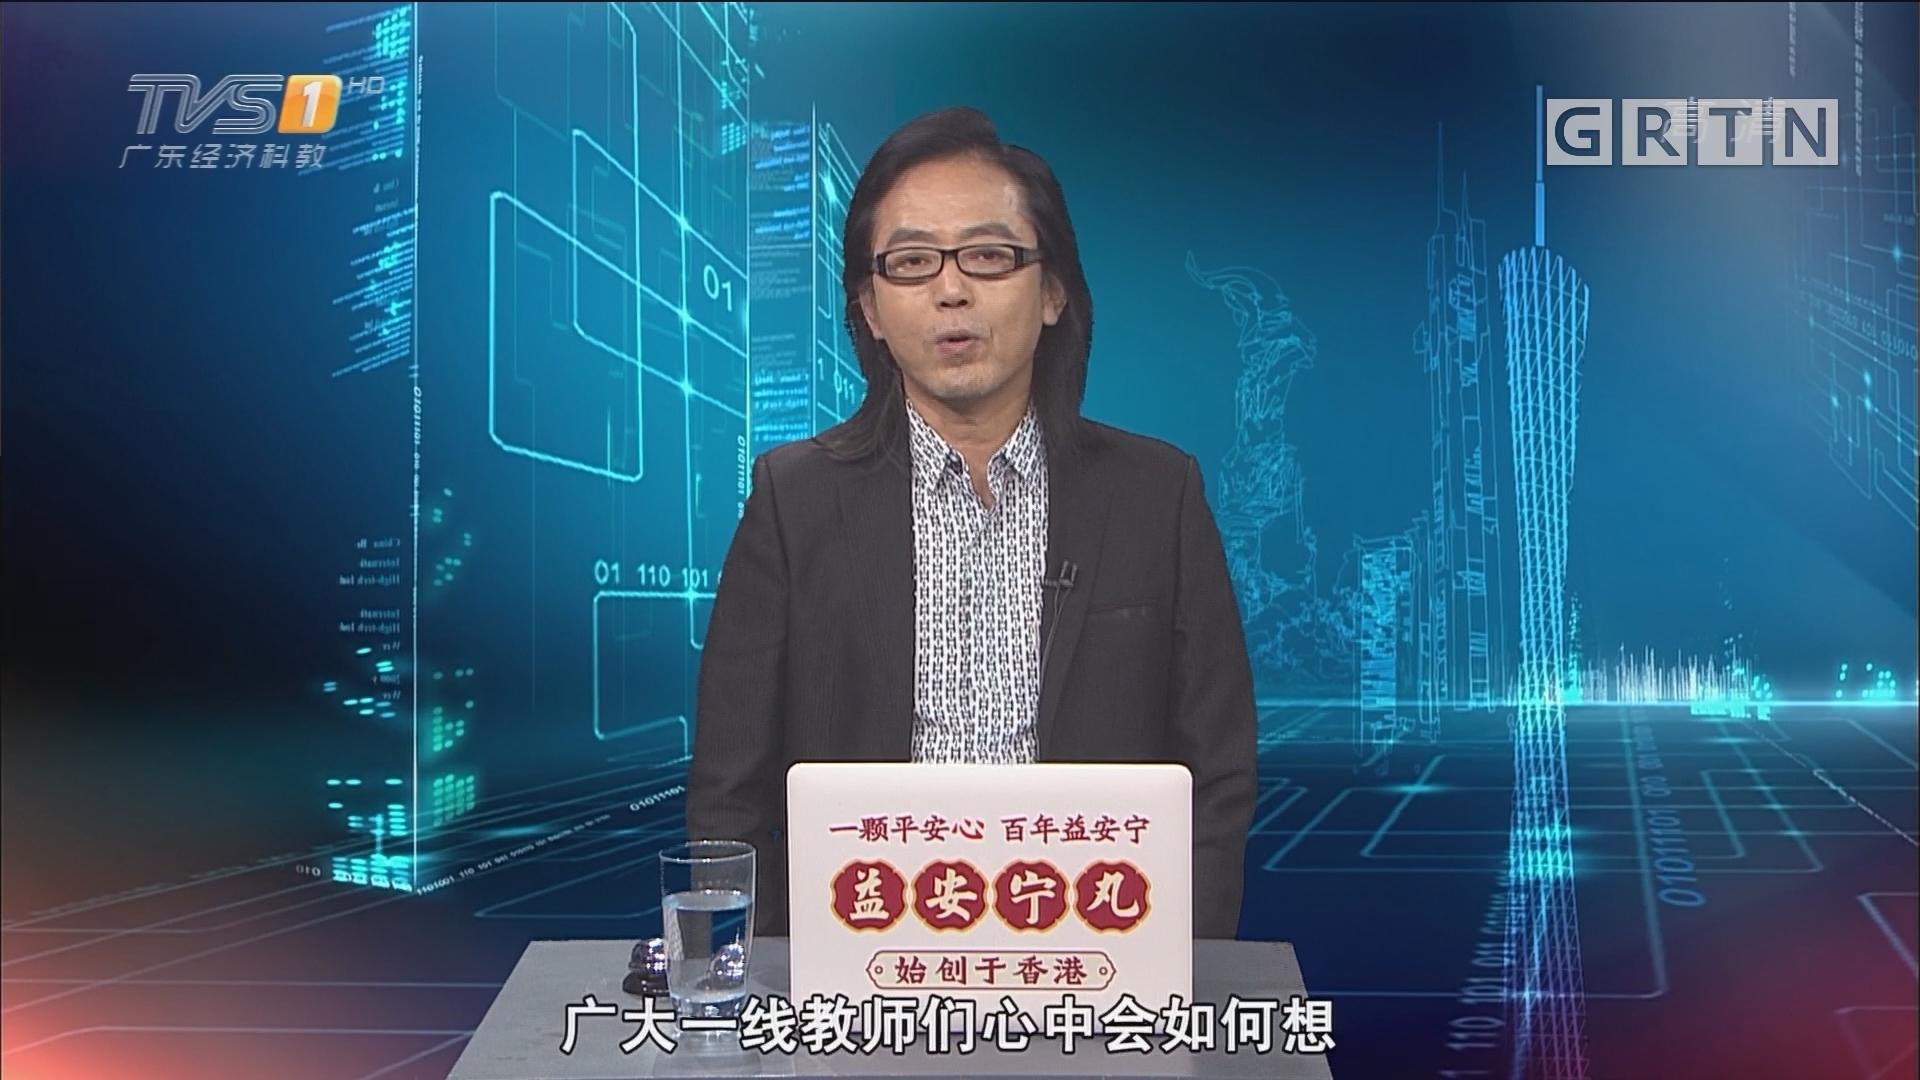 [HD][2018-08-22]马后炮:校长不动笔成第一作者 教科研成果署名潜规则如何破